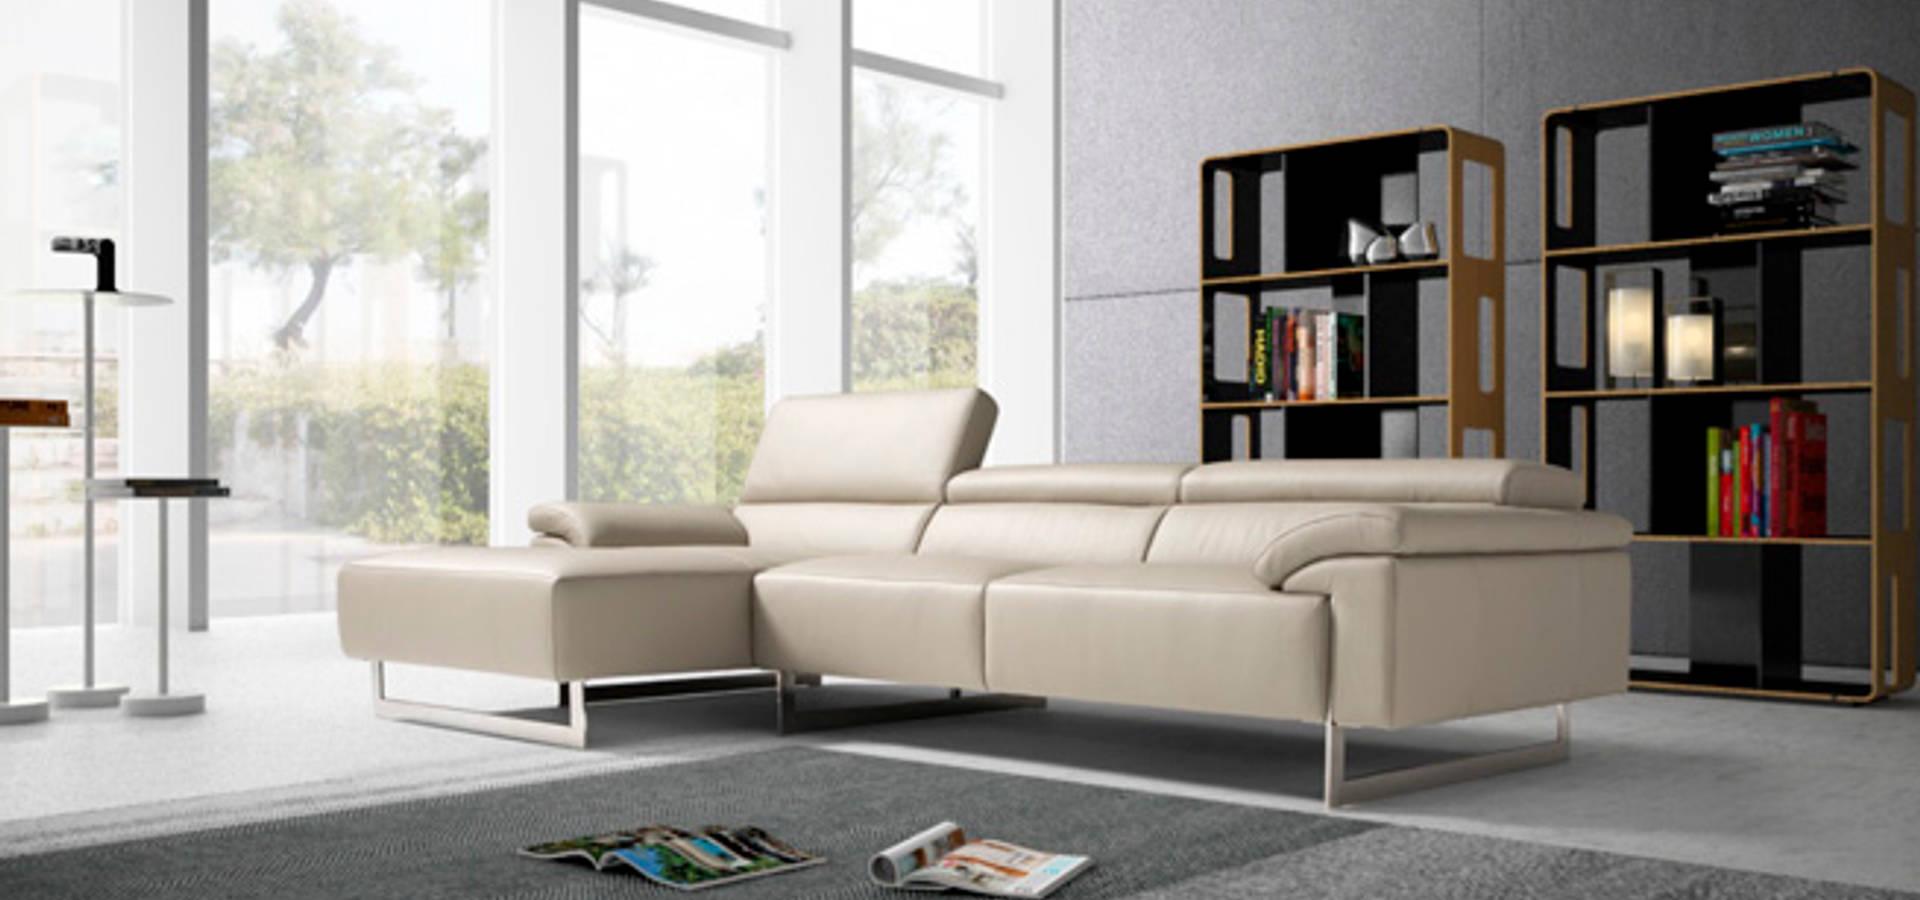 divano s muebles y accesorios en barcelona homify